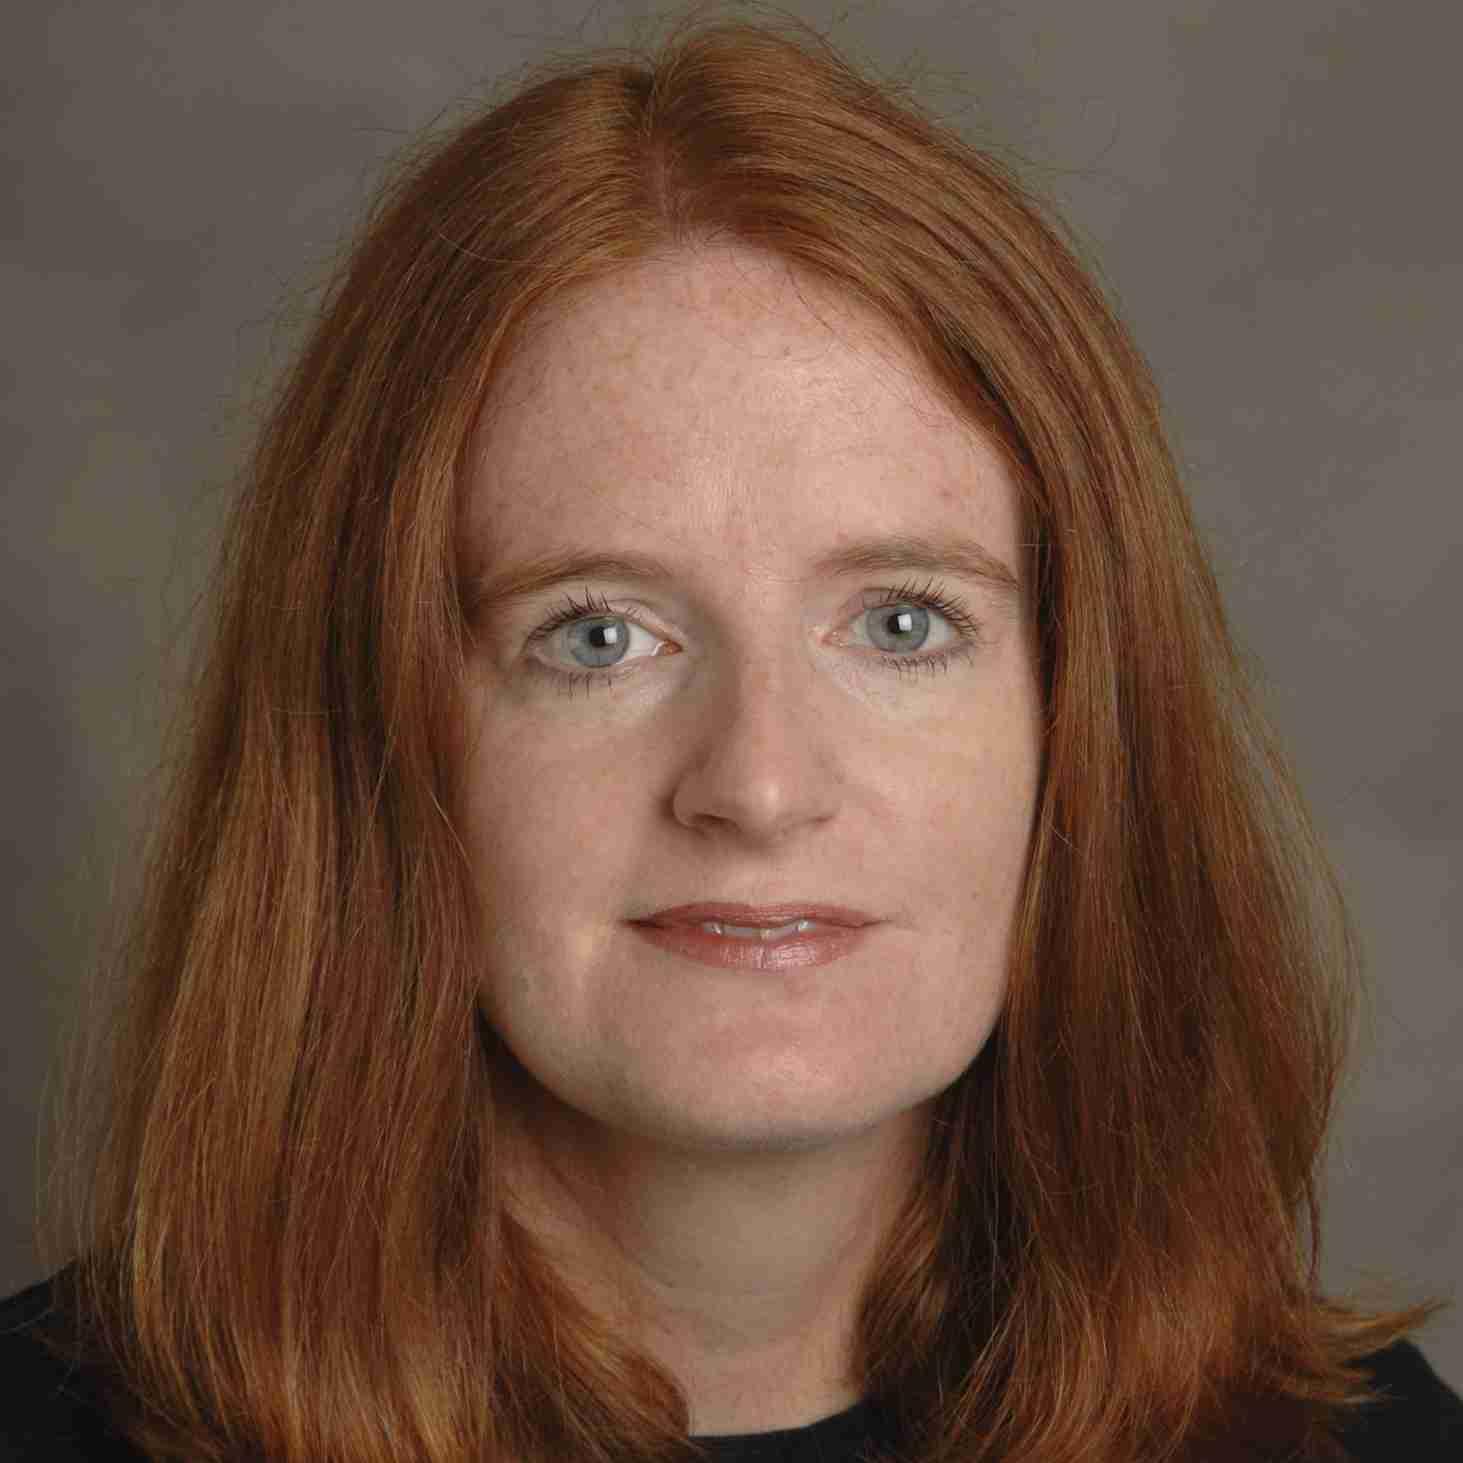 Megan Squire